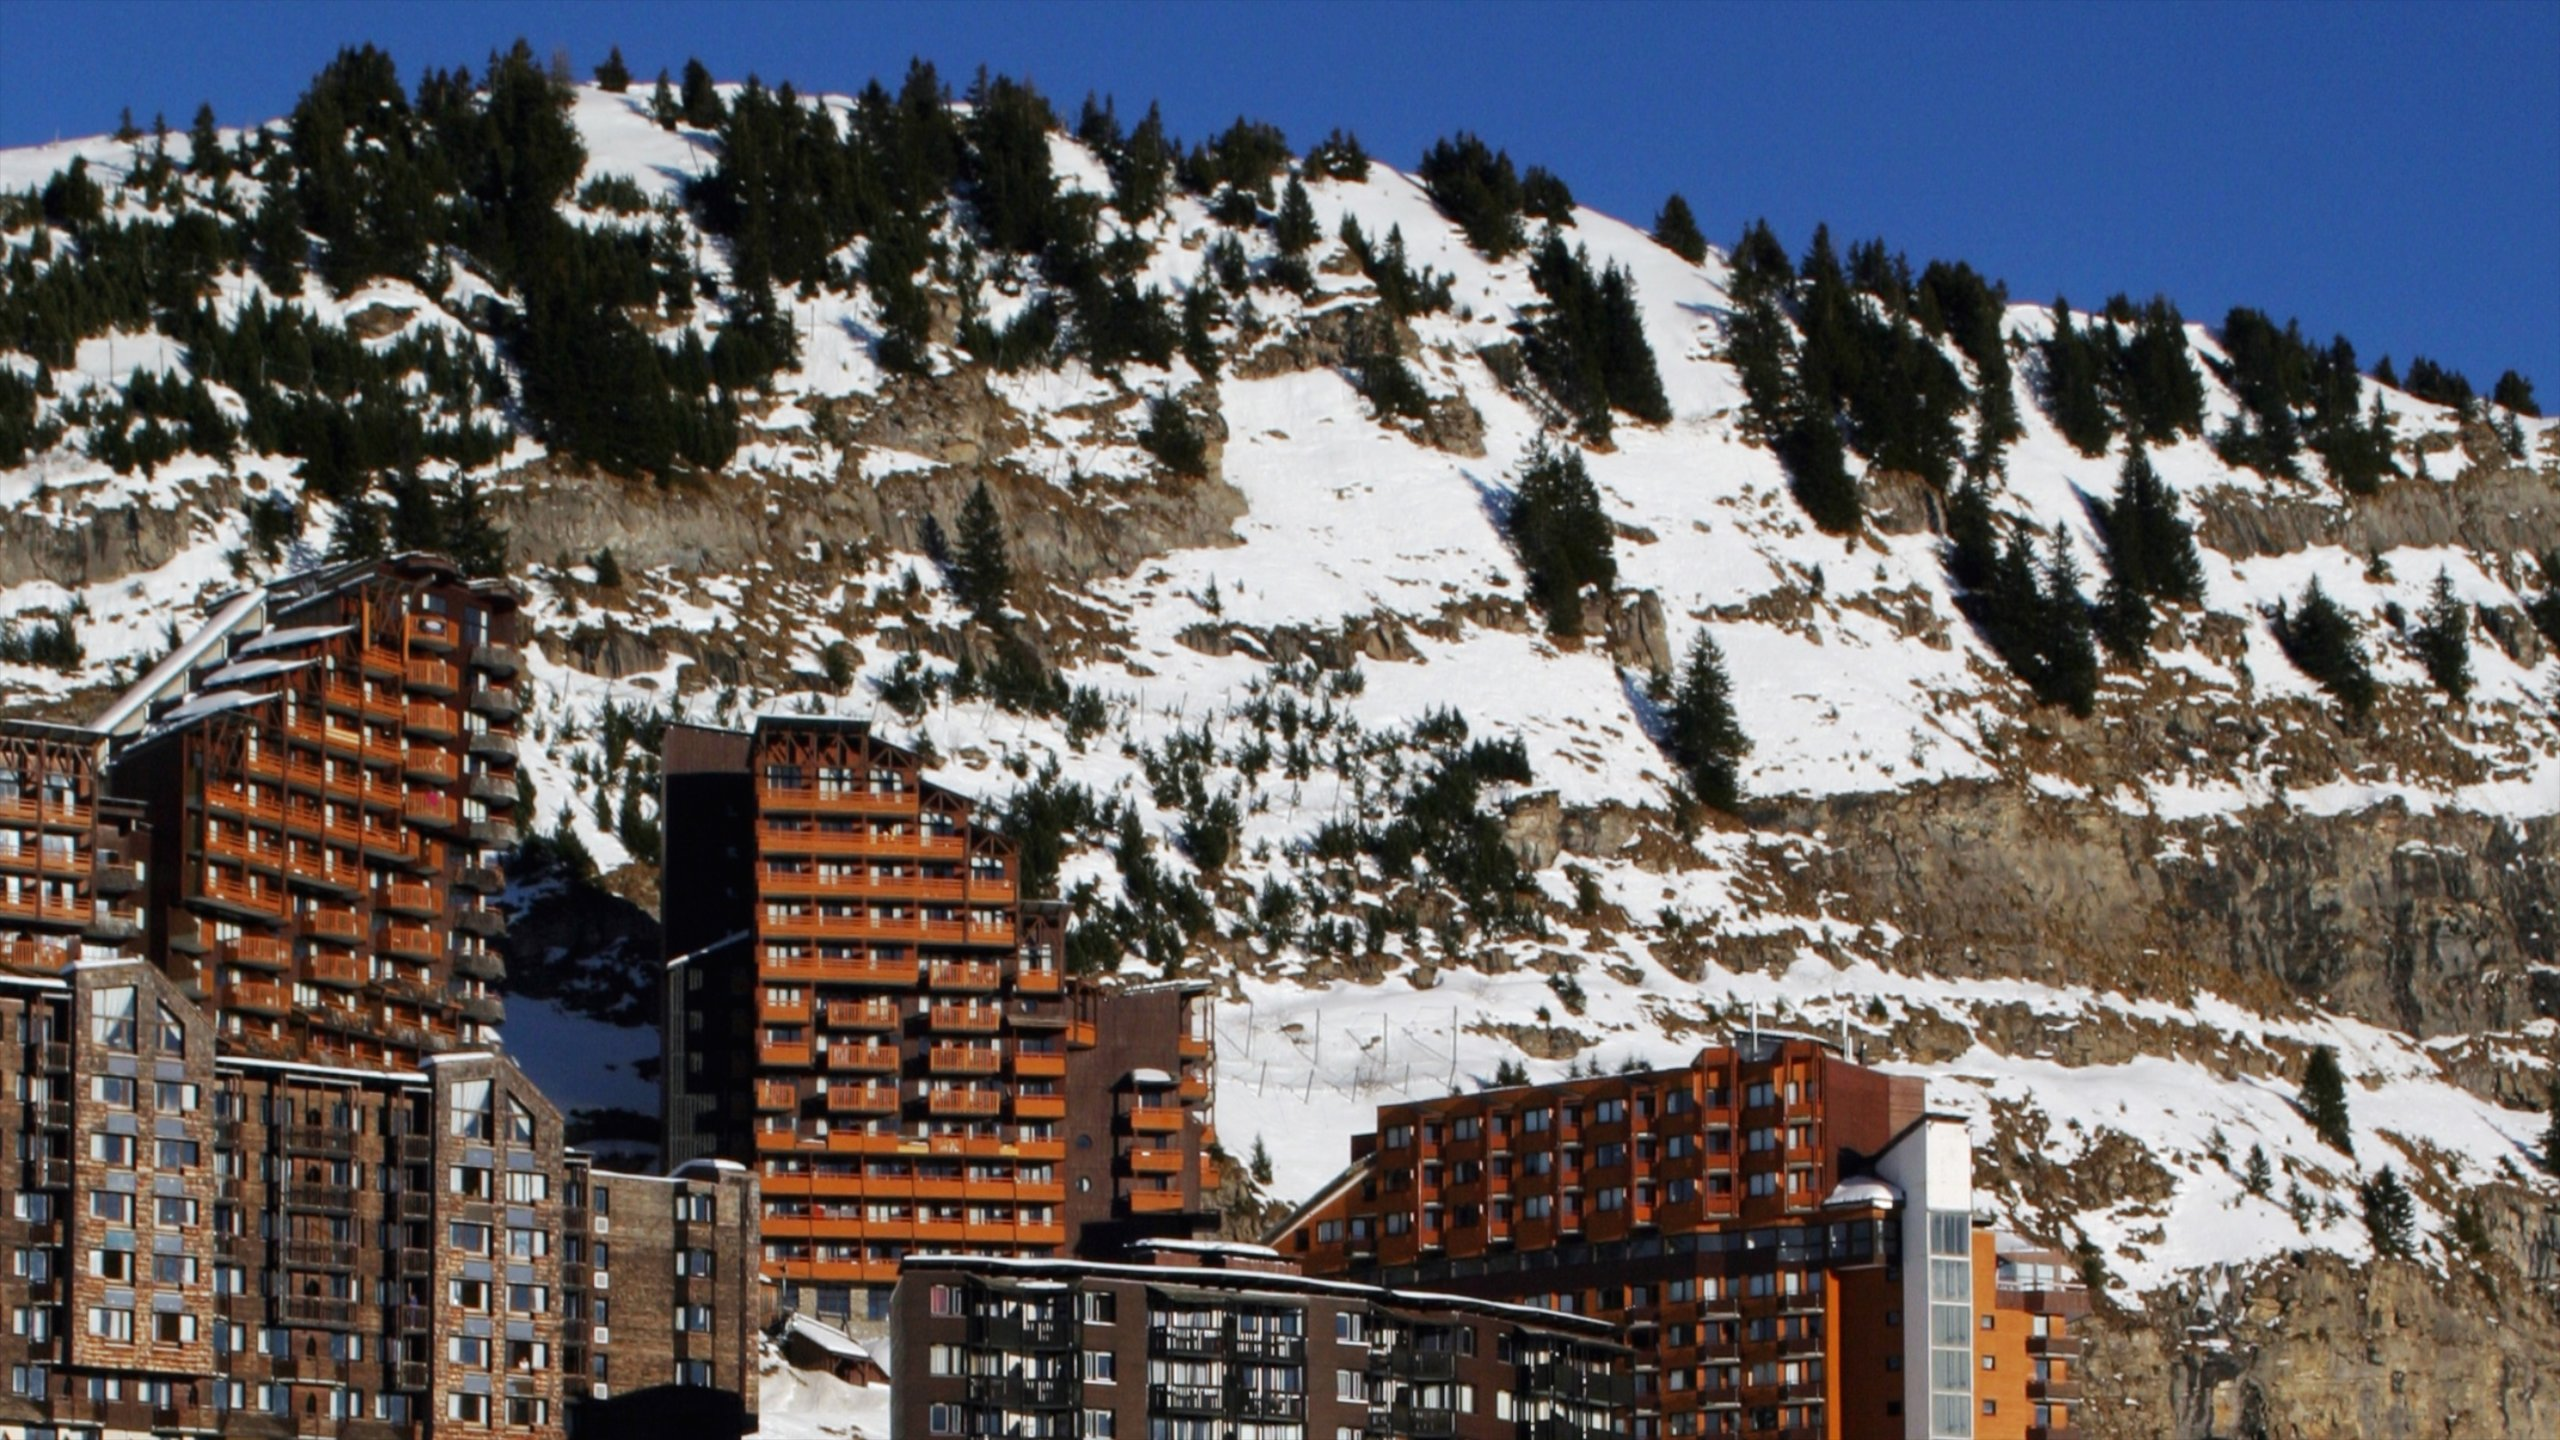 Wintersportort Avoriaz, Morzine, Haute-Savoie (Département), Frankreich